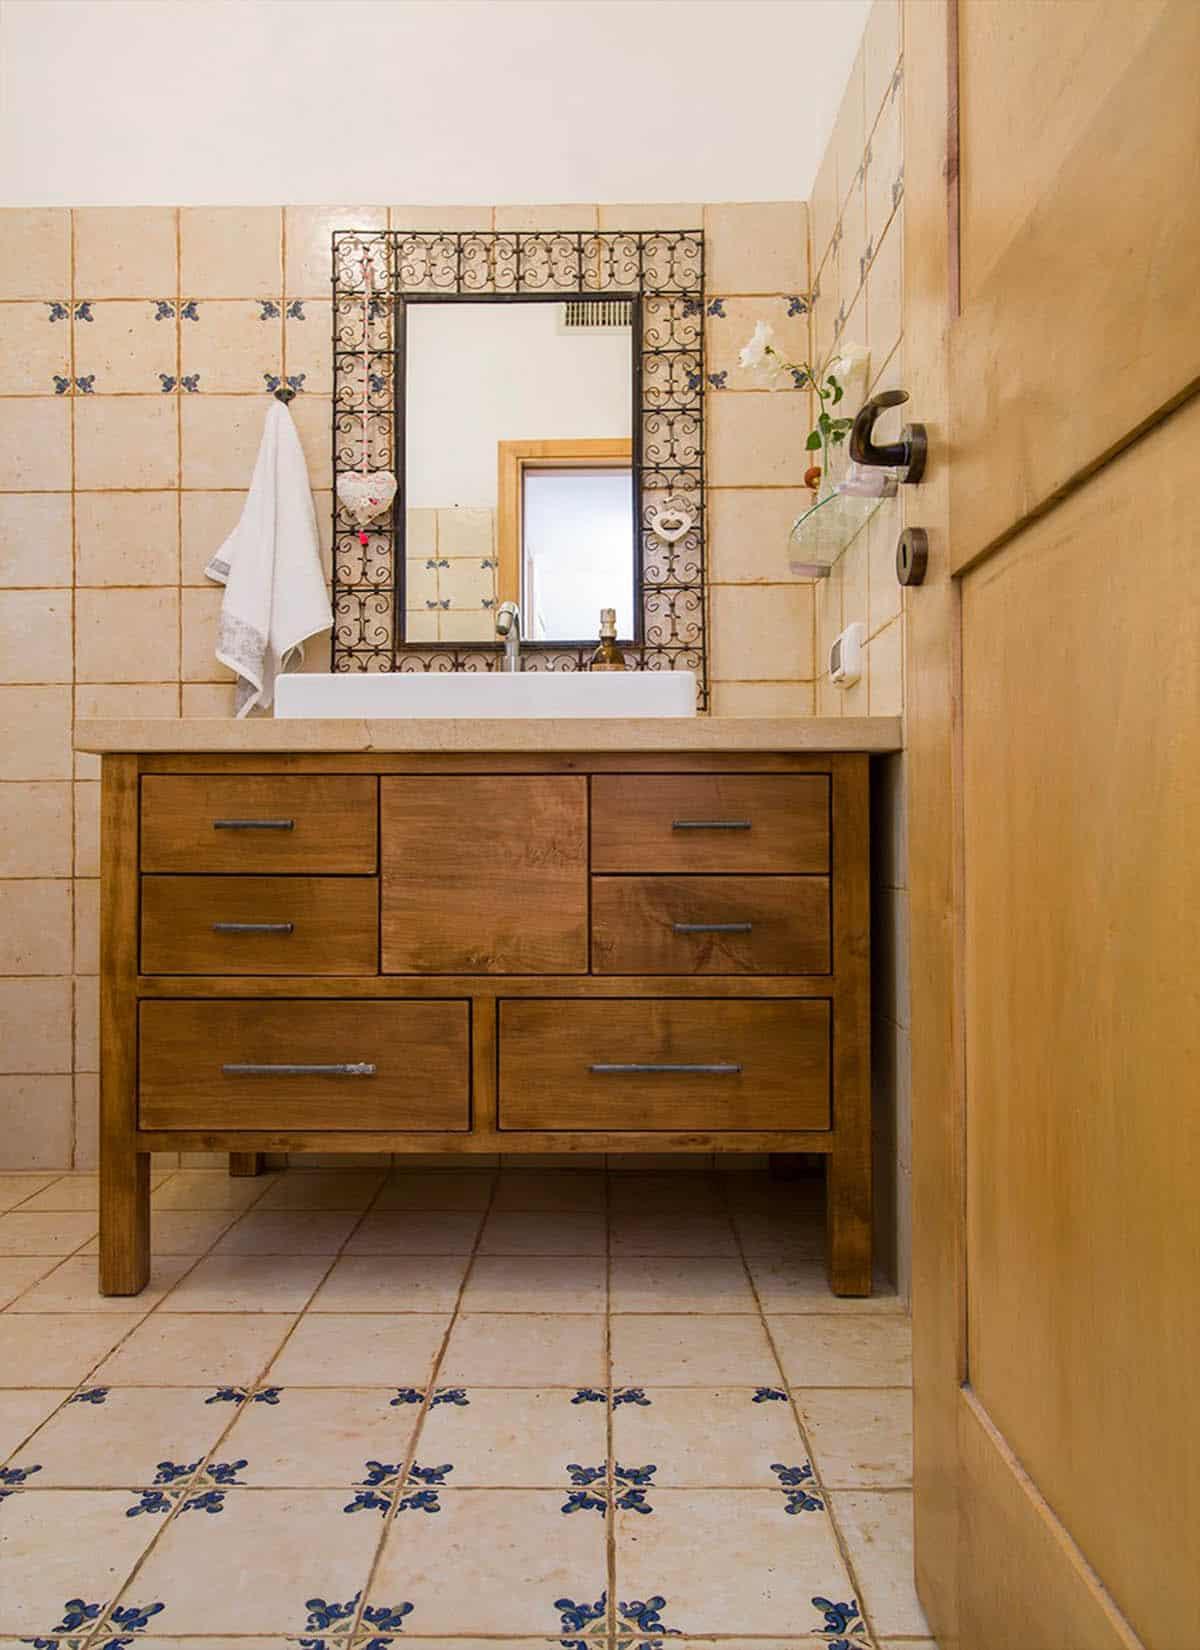 אריחים מצוירים על רצפת שרותי האורחים - עיצוב פנים שירית דרמן